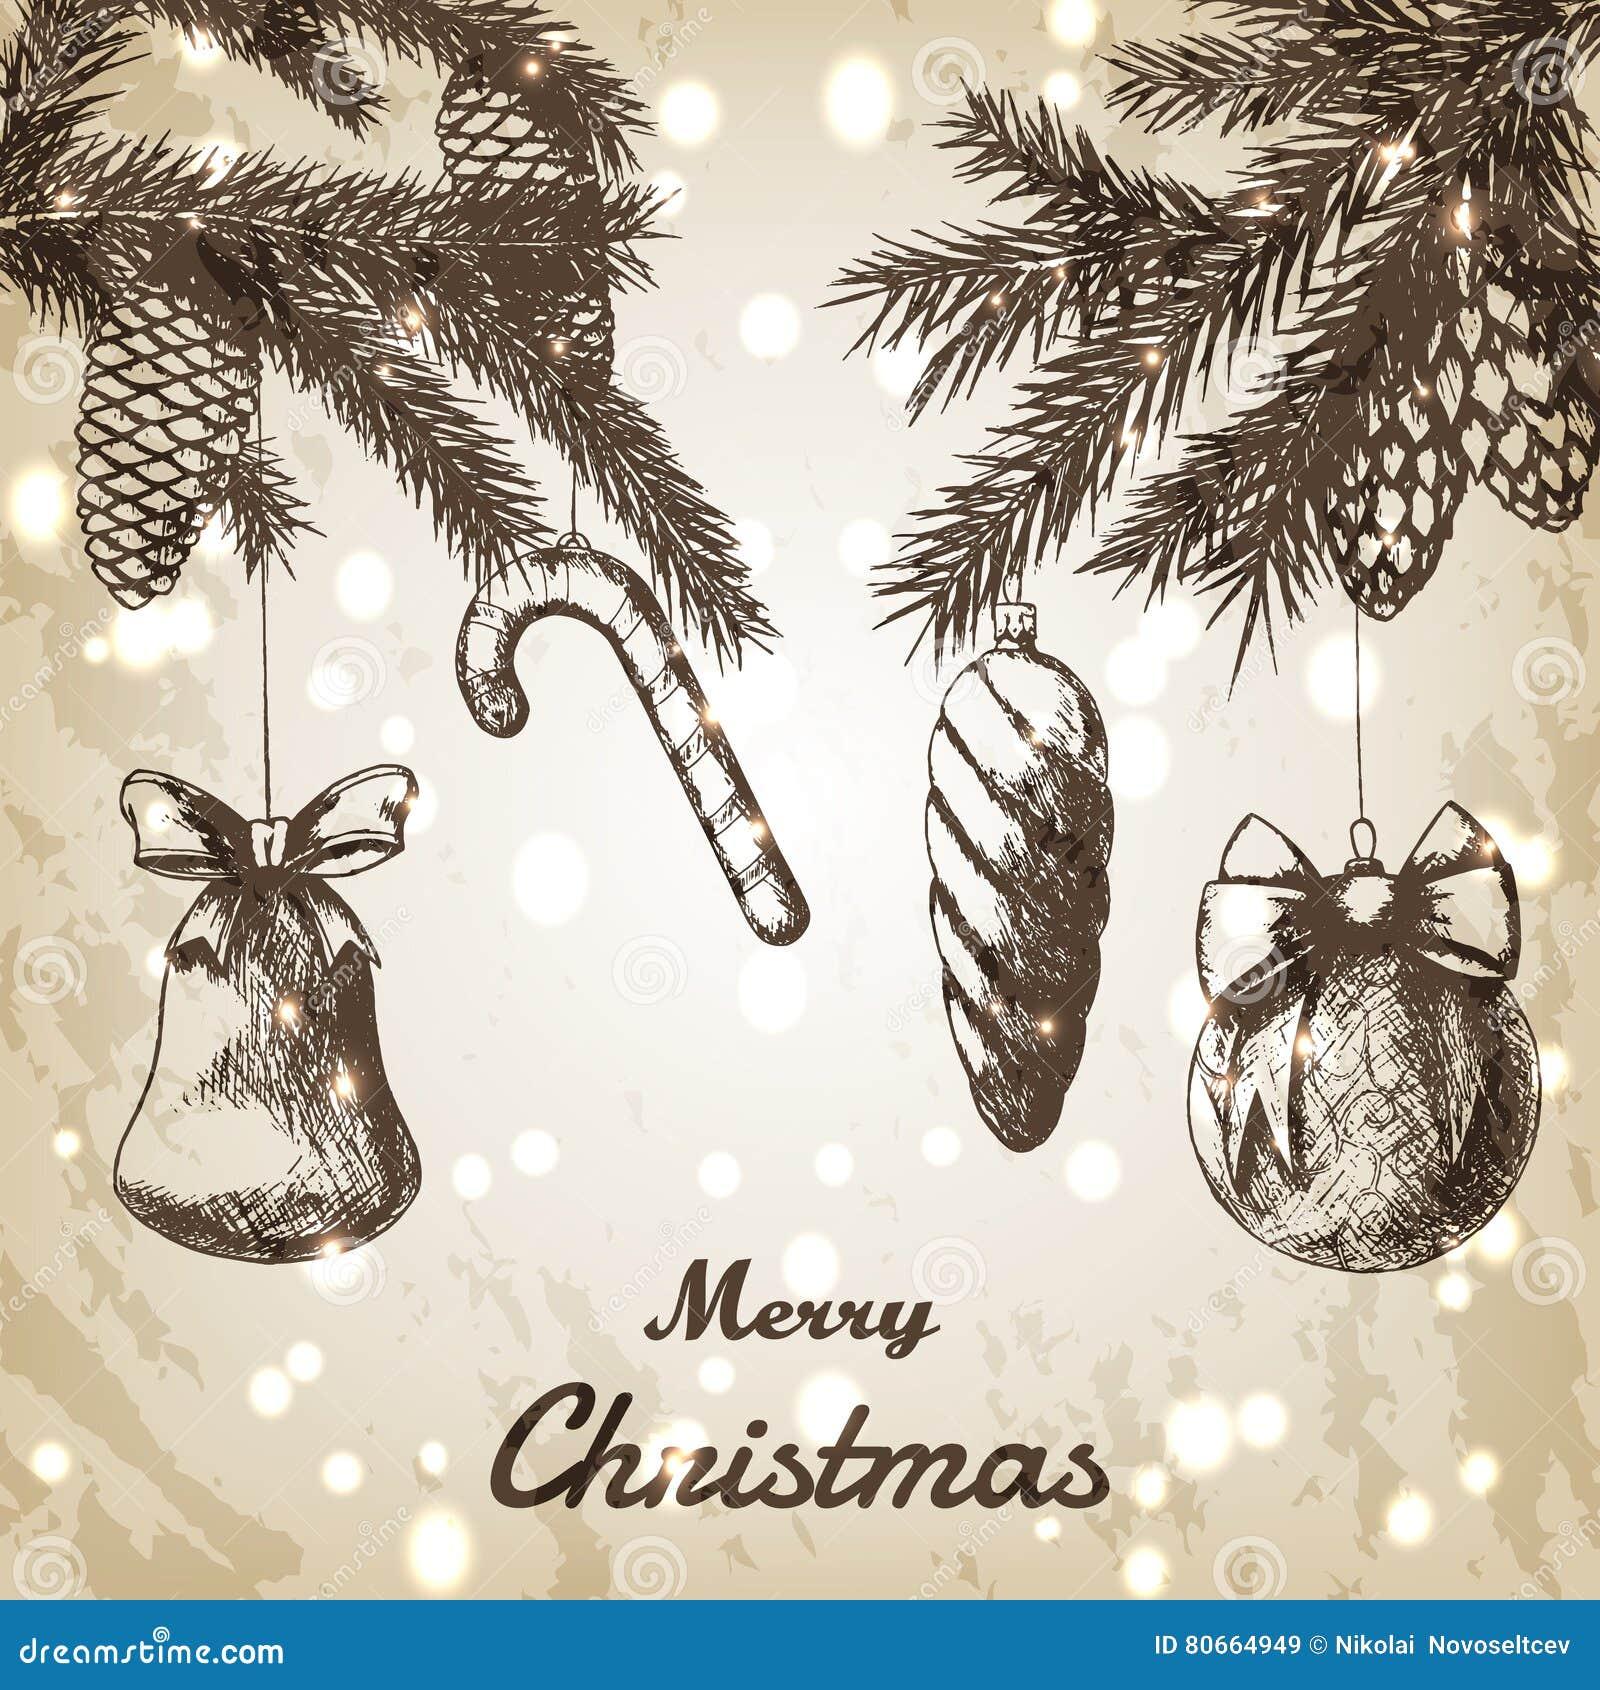 Иллюстрация вектора рождества нарисованная рукой - декоративные орнаменты, ветви и эскиз конусов сосны, винтажный стиль brougham